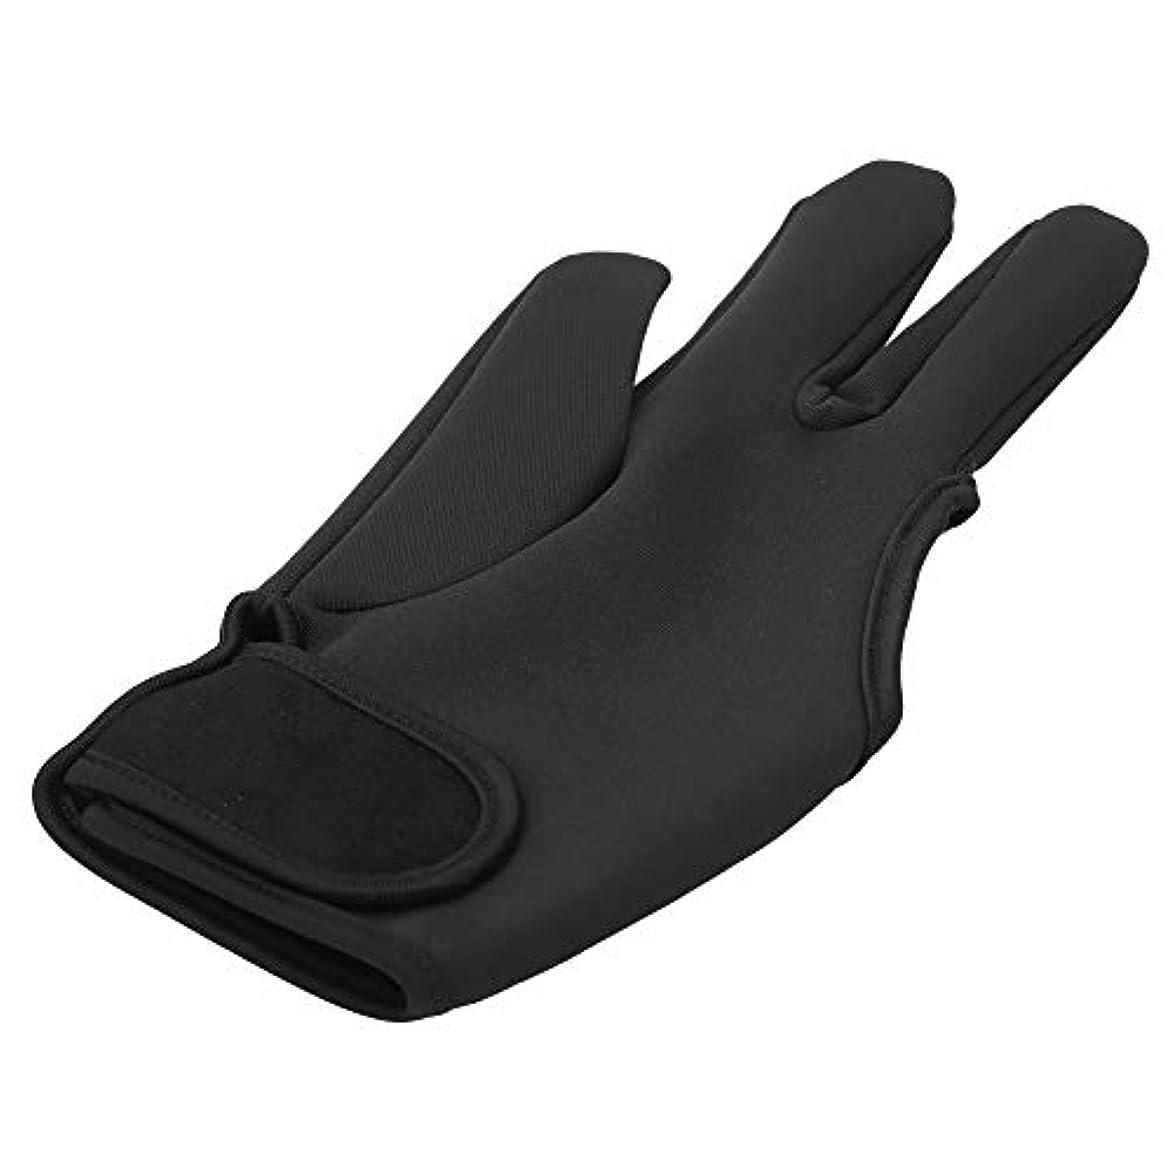 スロー不愉快トランザクション理髪手袋、理髪を行うときに手をやけどするのを防ぐためのプロの耐熱プルーフグローブ、美容院に最適